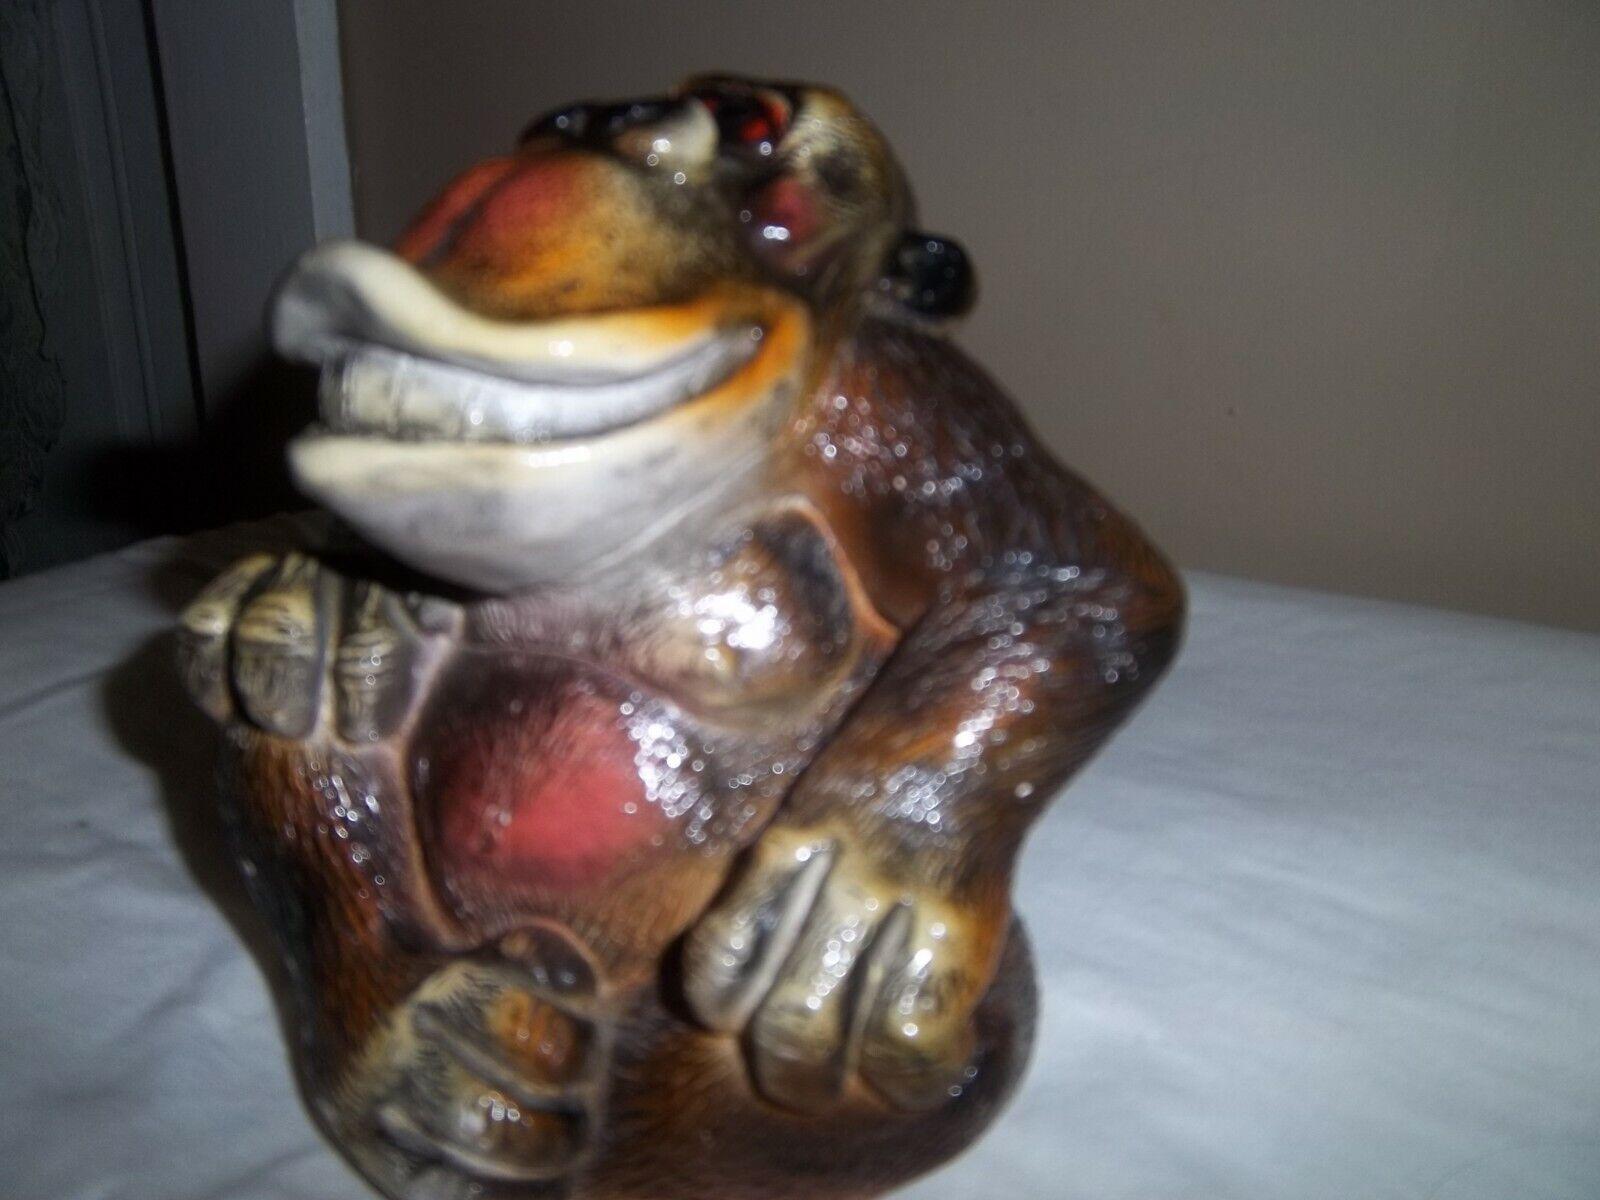 Gorilla Vintage Statue Sculpture Ape Monkey Art 1980 Accents Unlimited INC 2425 - $35.99